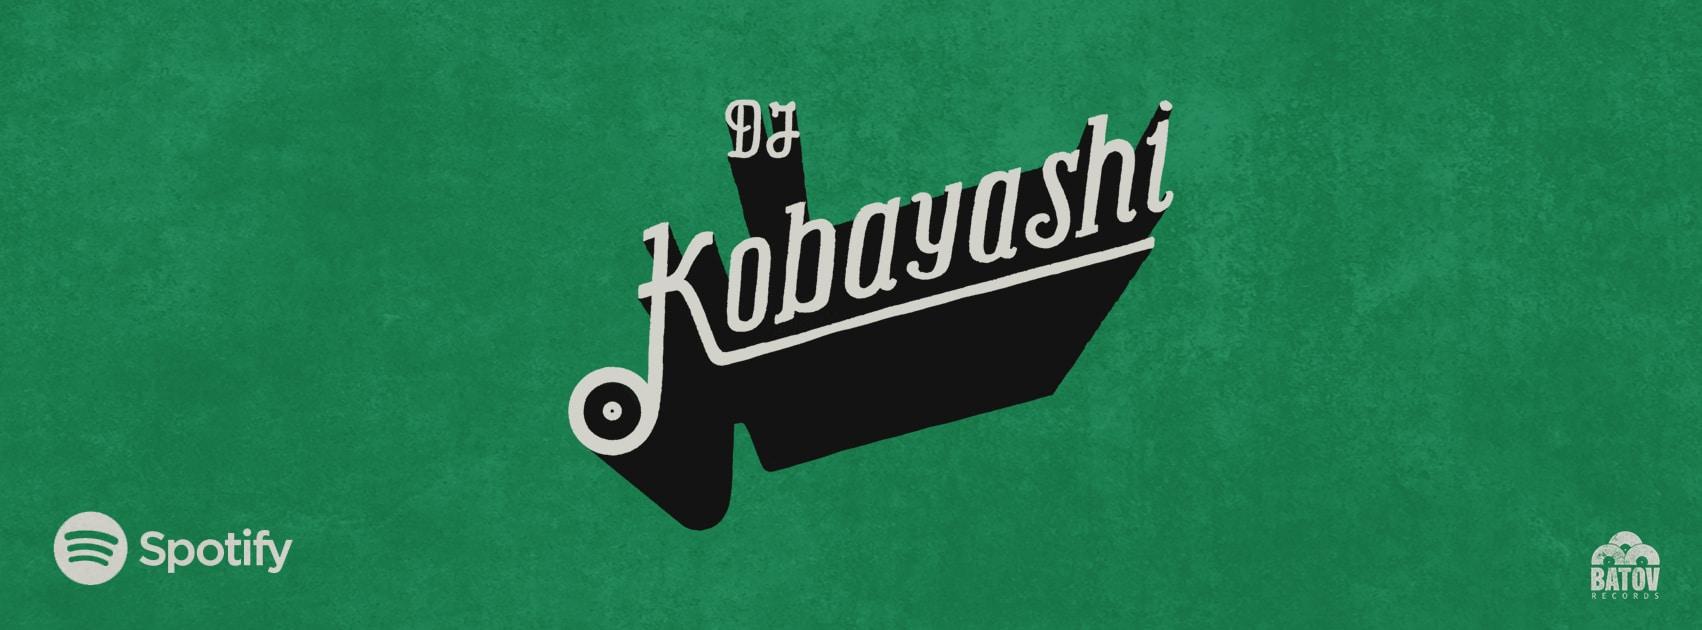 spotify-playlist-kobayashi